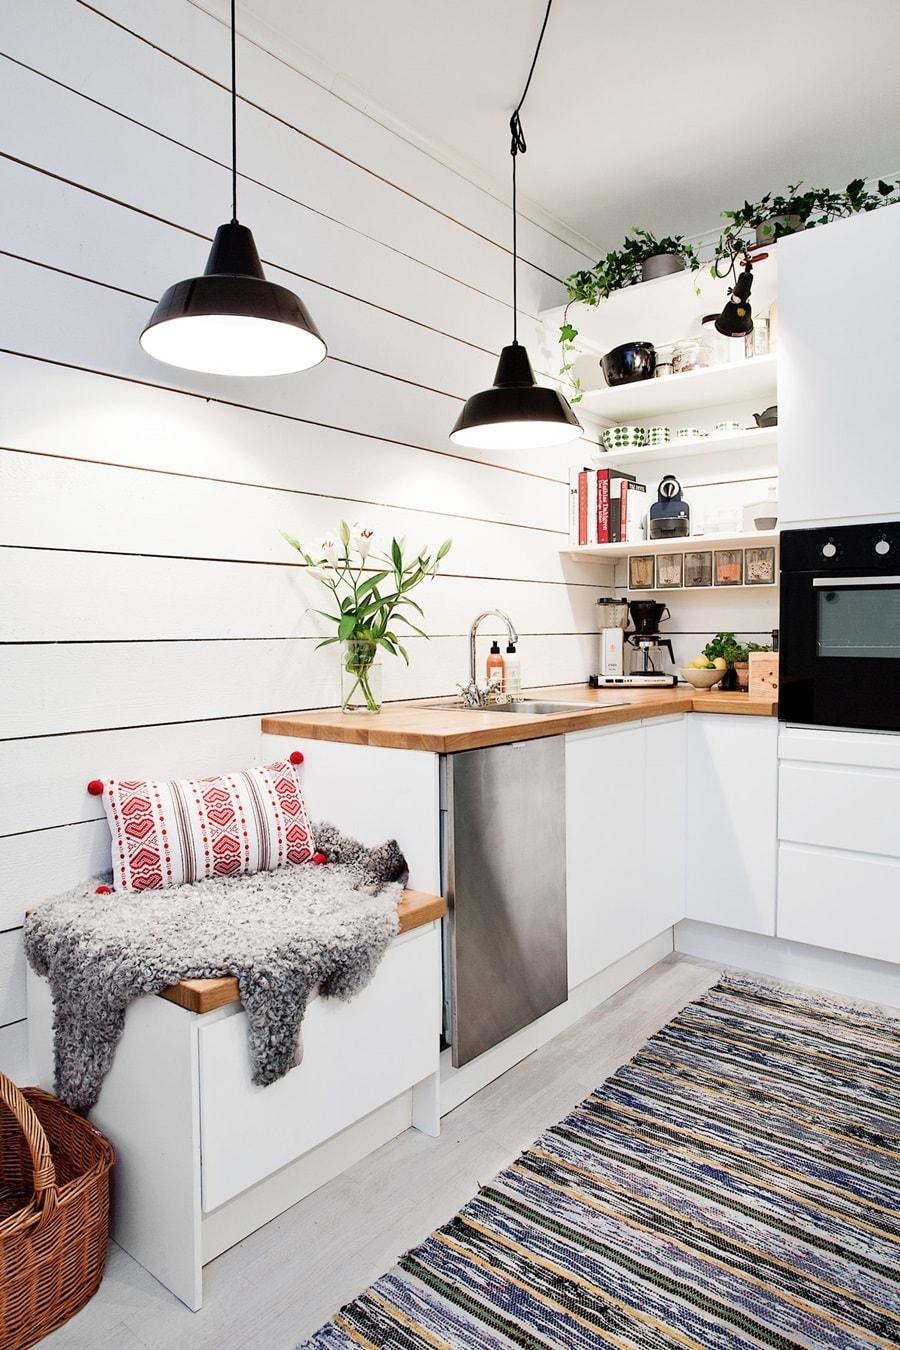 Кухня в скандинавском стиле - оформление стен деревом